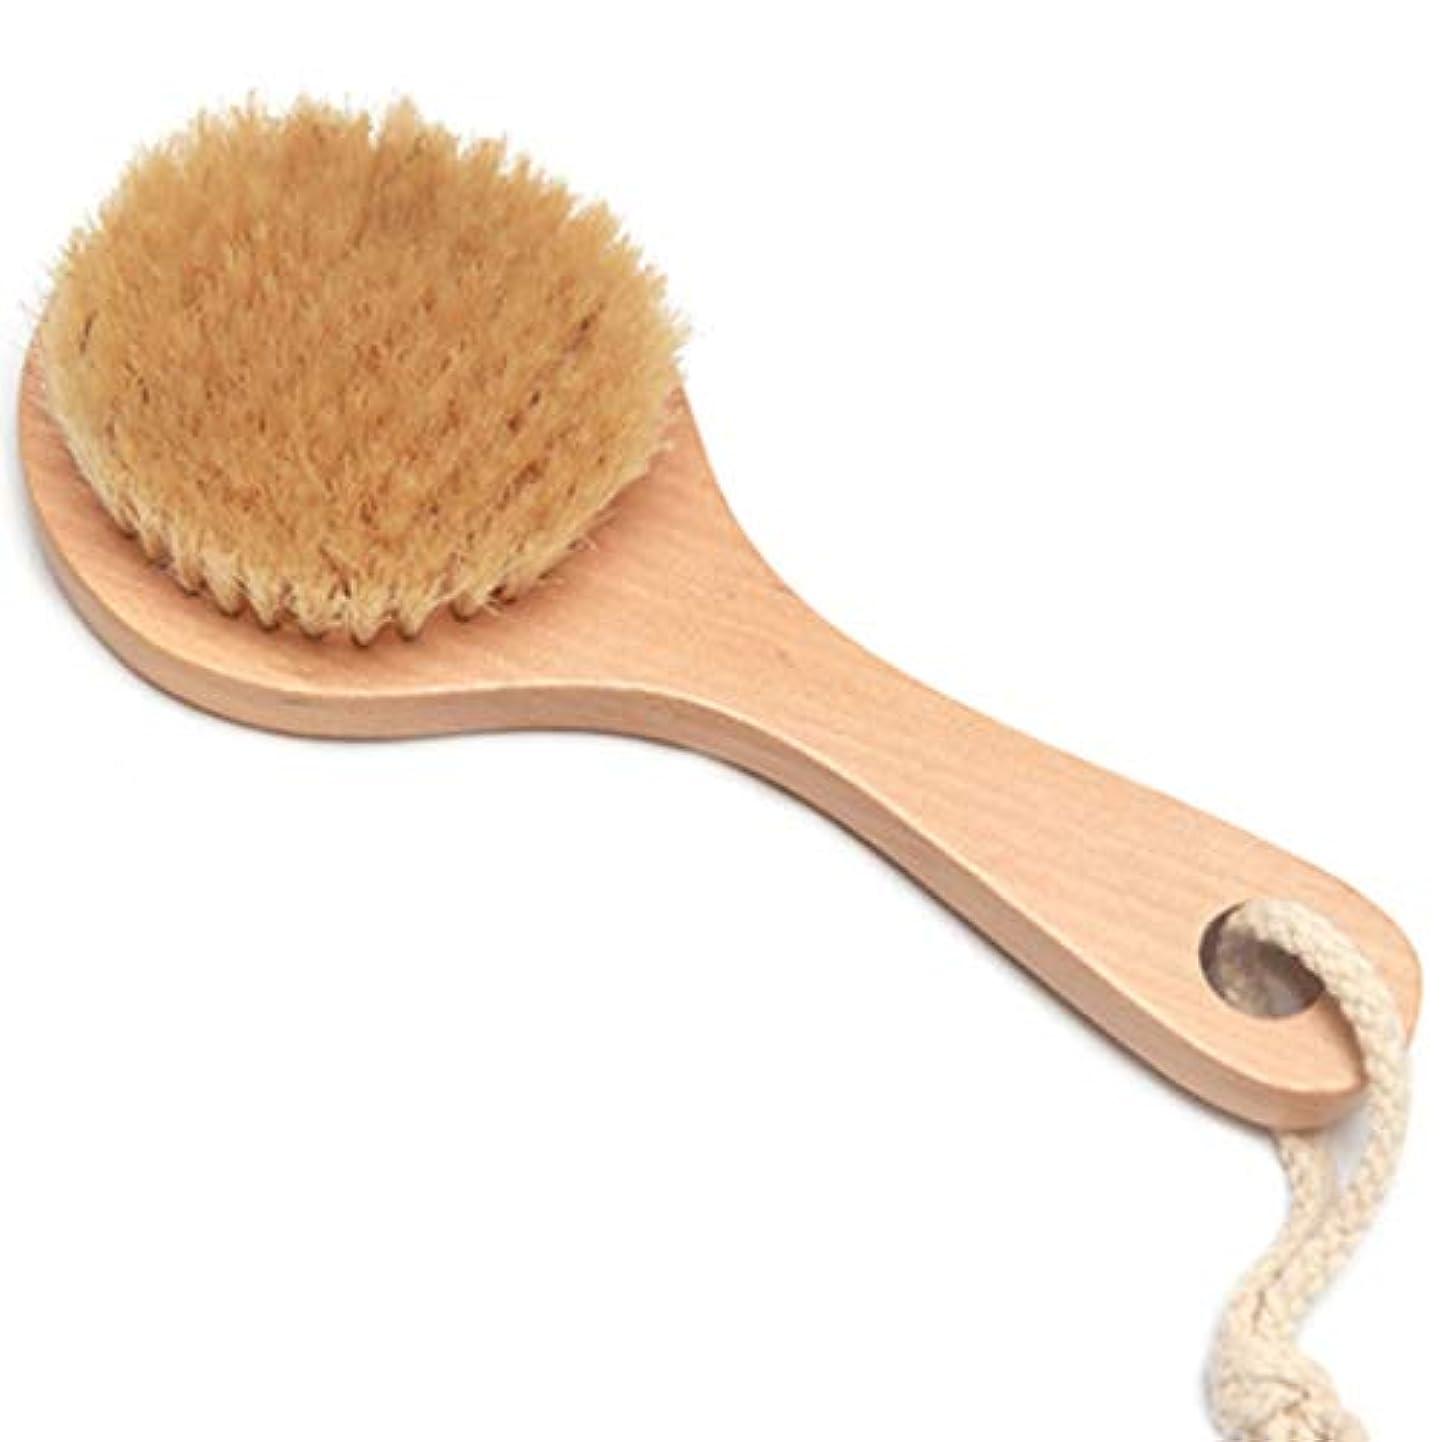 アクティブイベント失効バスブラシバックブラシロングハンドルやわらかい毛髪バスブラシバスブラシ角質除去クリーニングブラシ (Color : Wood color, Size : 20*7.5cm)